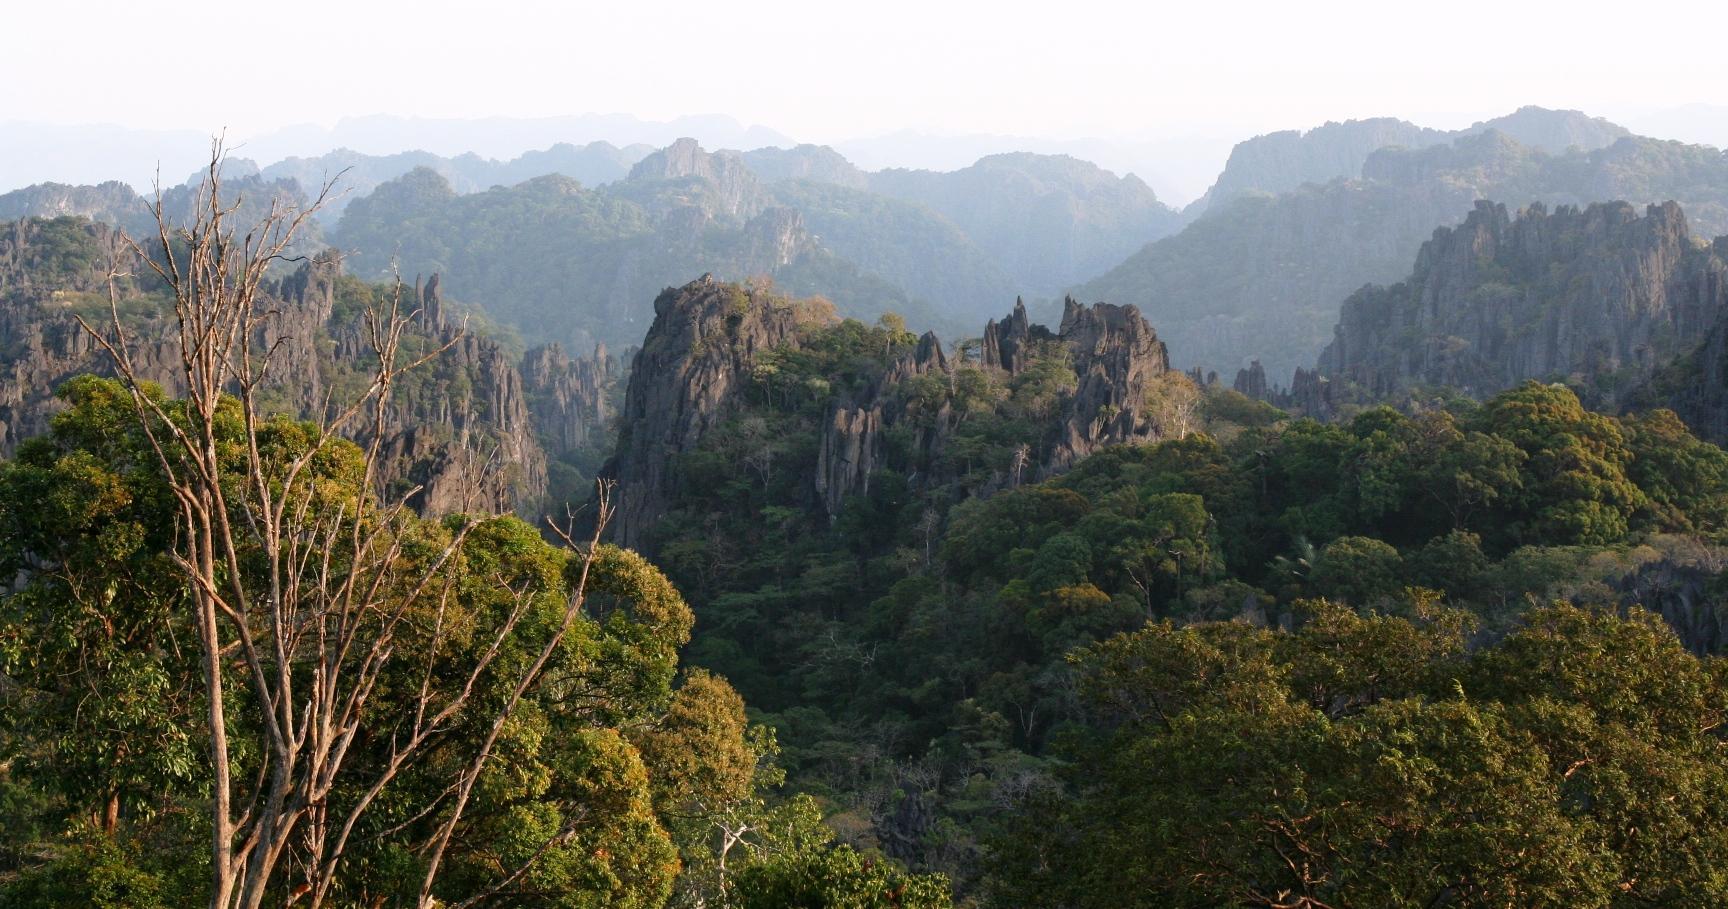 Conseils pour partir au Laos : que devez-vous savoir ?